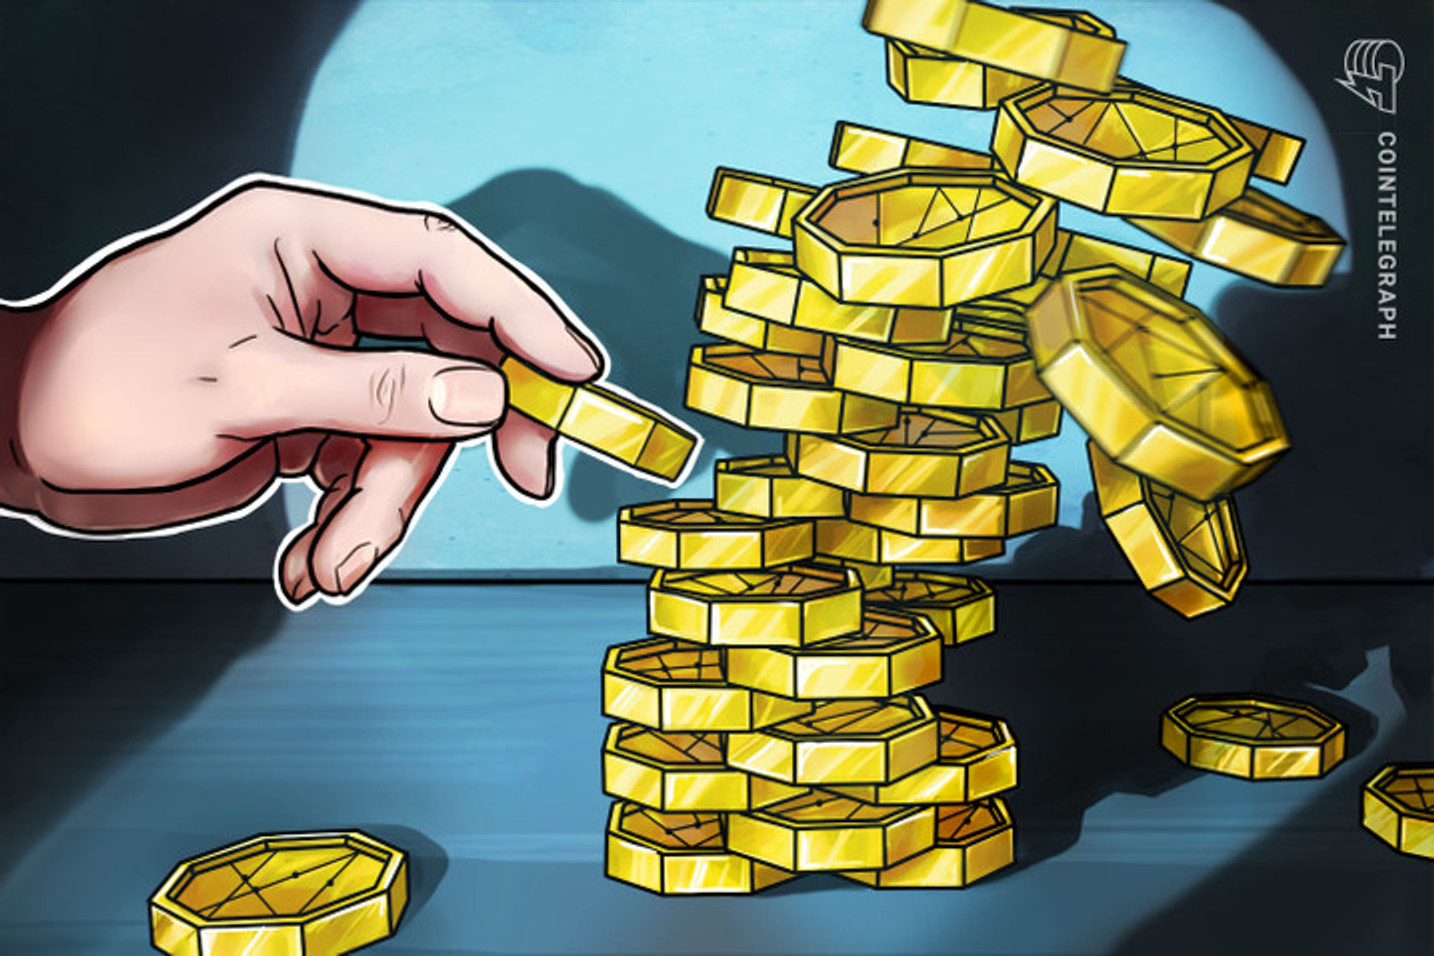 火币科技获批发行虚拟资产基金 行业合规进程加速